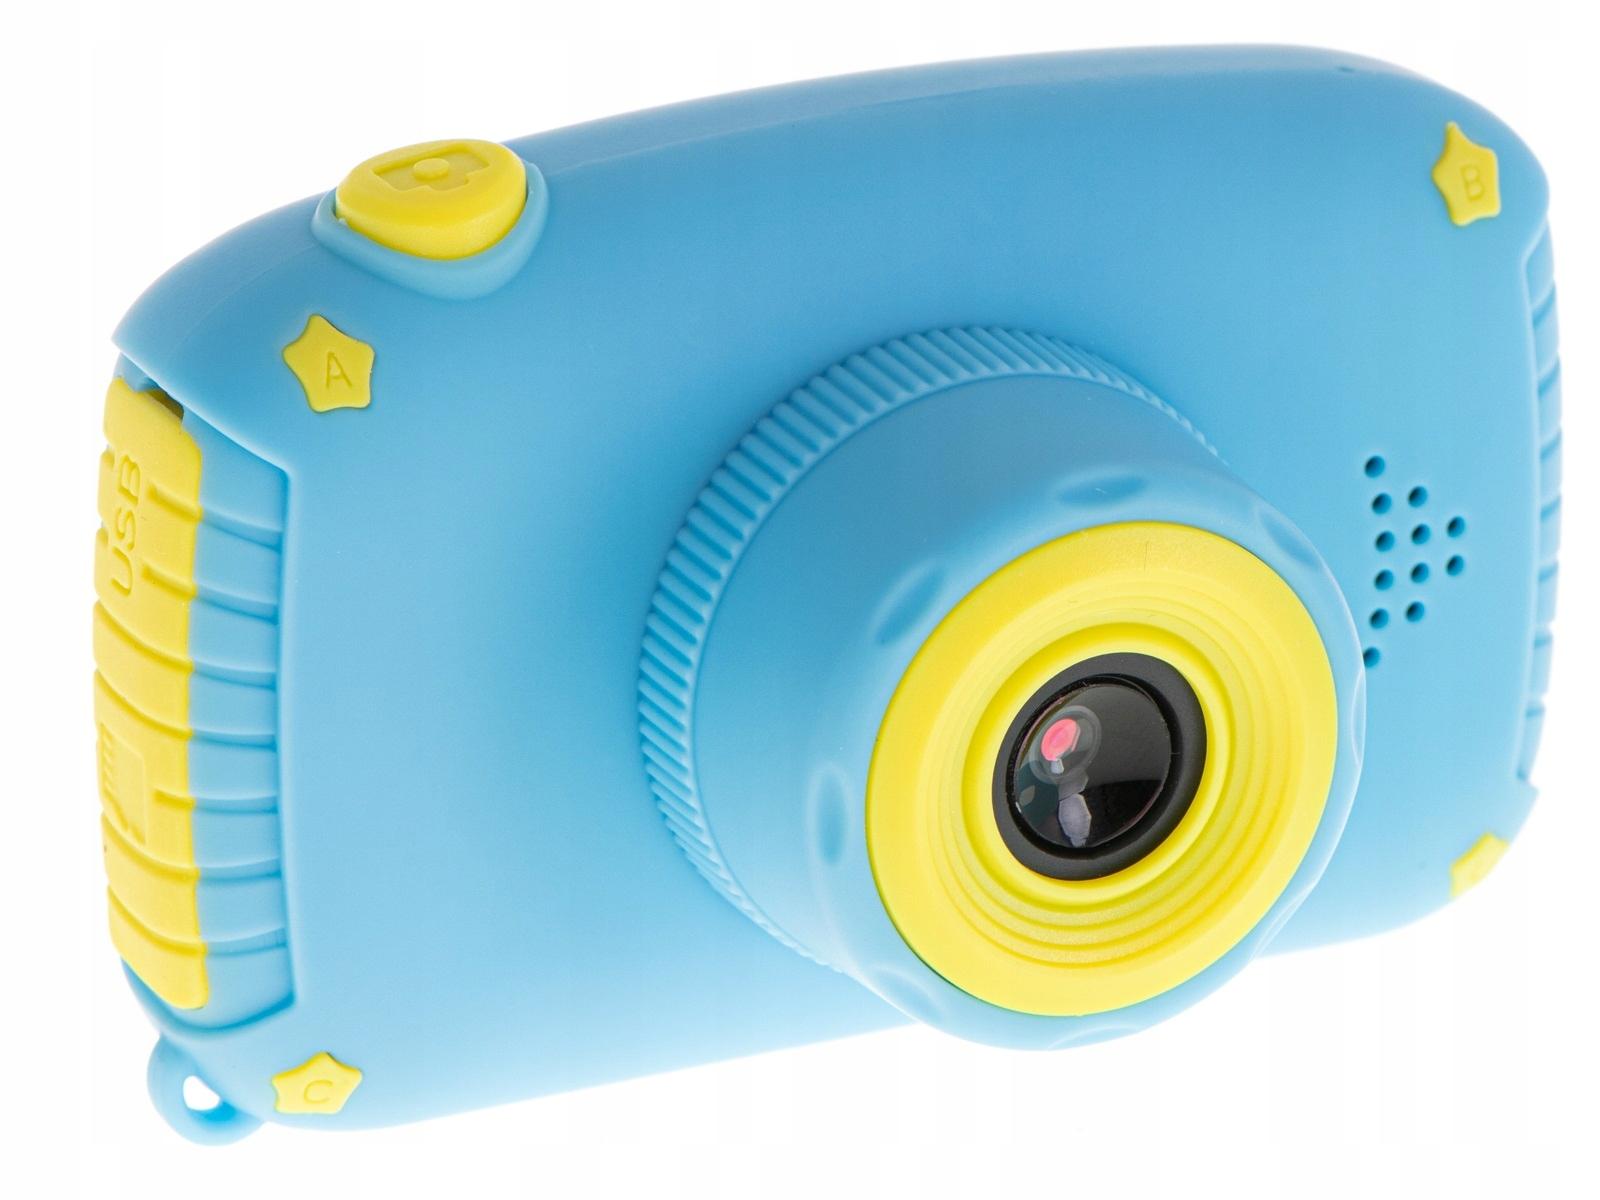 Aparat Cyfrowy Kamera dla Dzieci LCD KRÓLIK GRY Kolor dominujący wielokolorowy